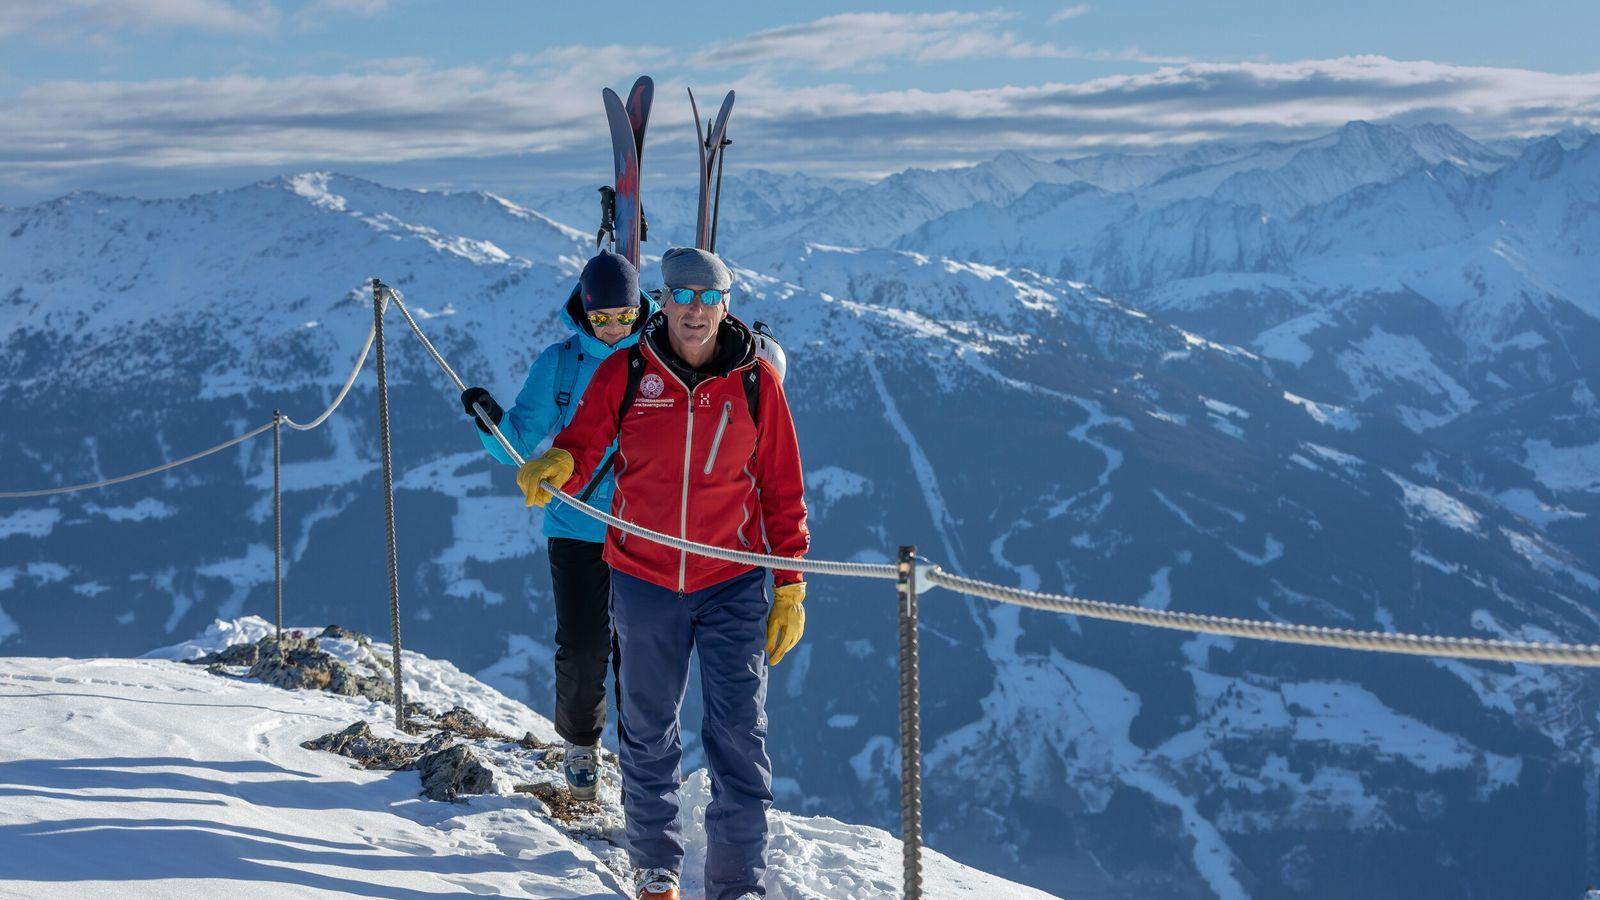 Hut-to-hut skiing